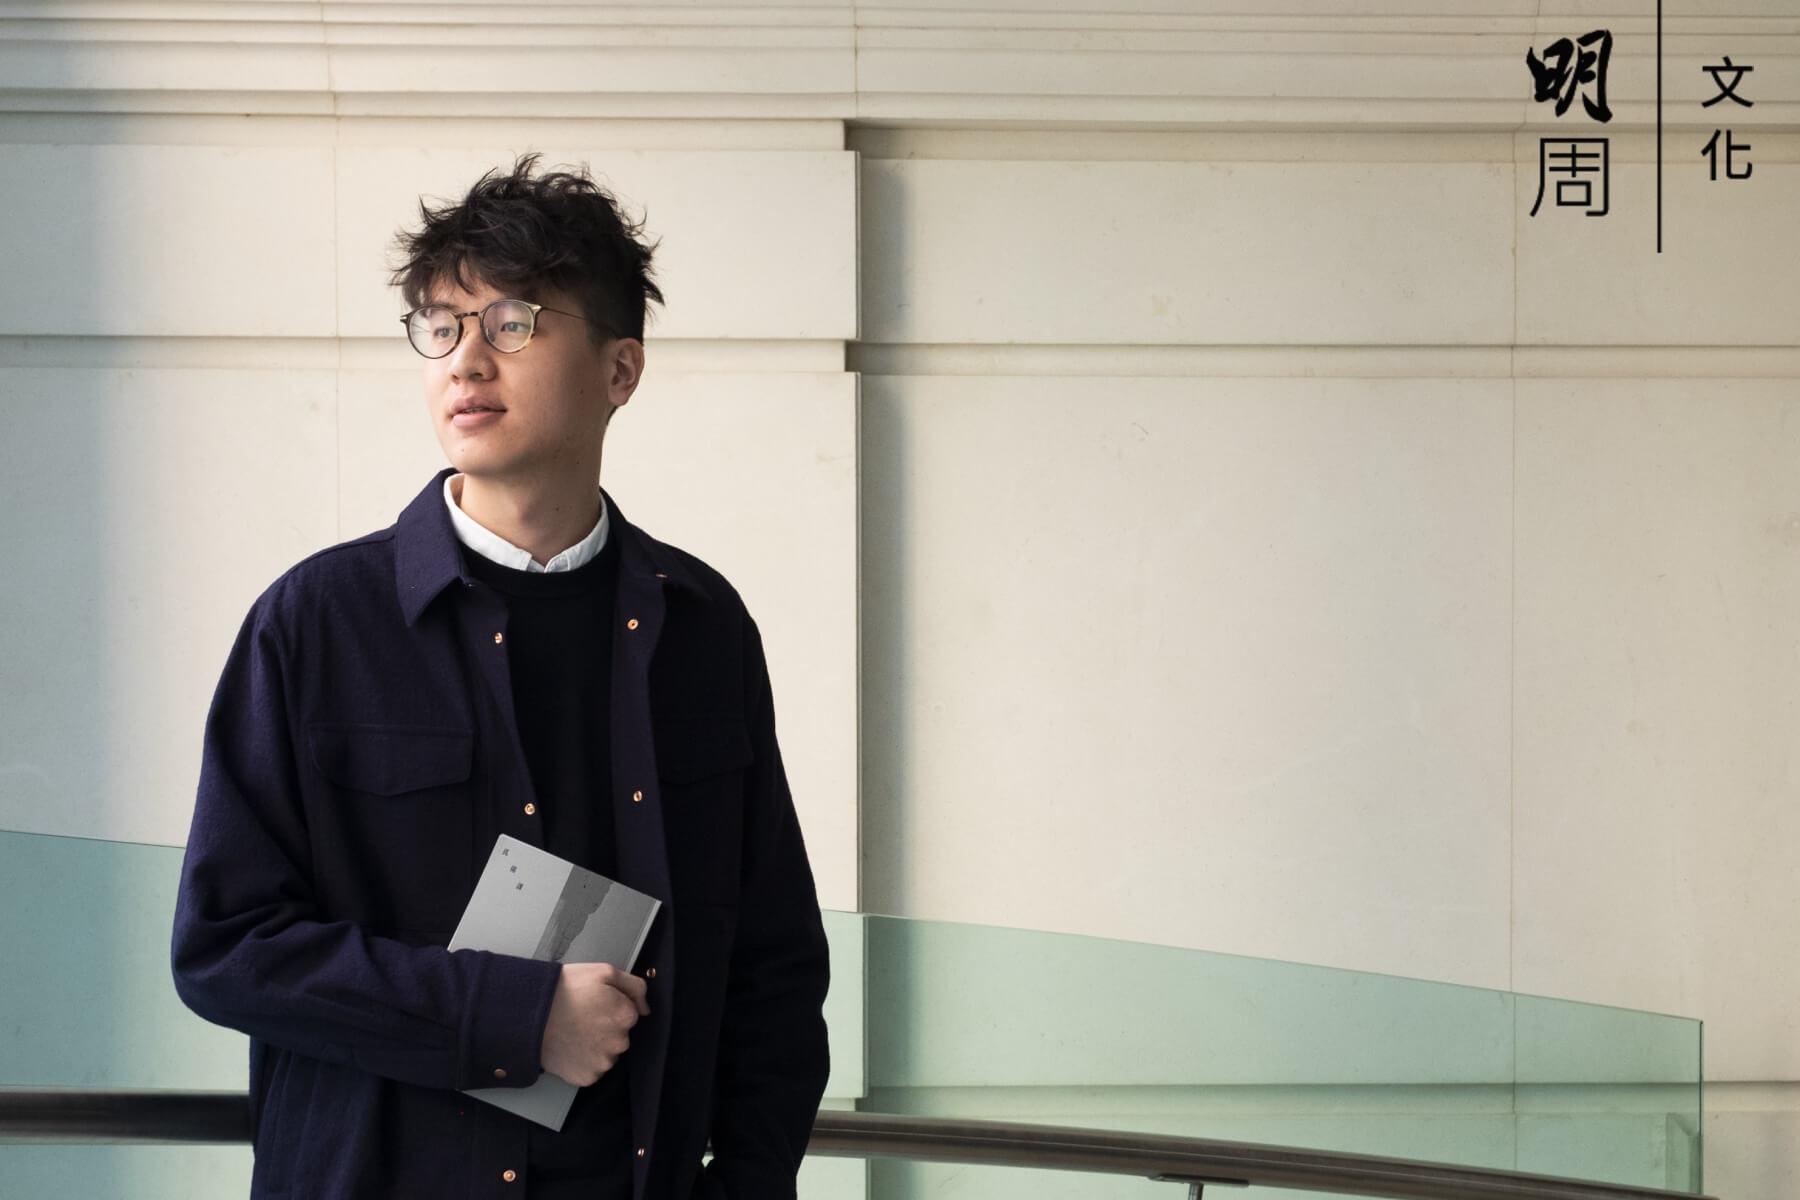 年輕學者亞然現為倫敦大學亞非學院博士候選人,香港浸會大學政治及國際關係學系兼任講師,多年來在報章撰寫政治文章。